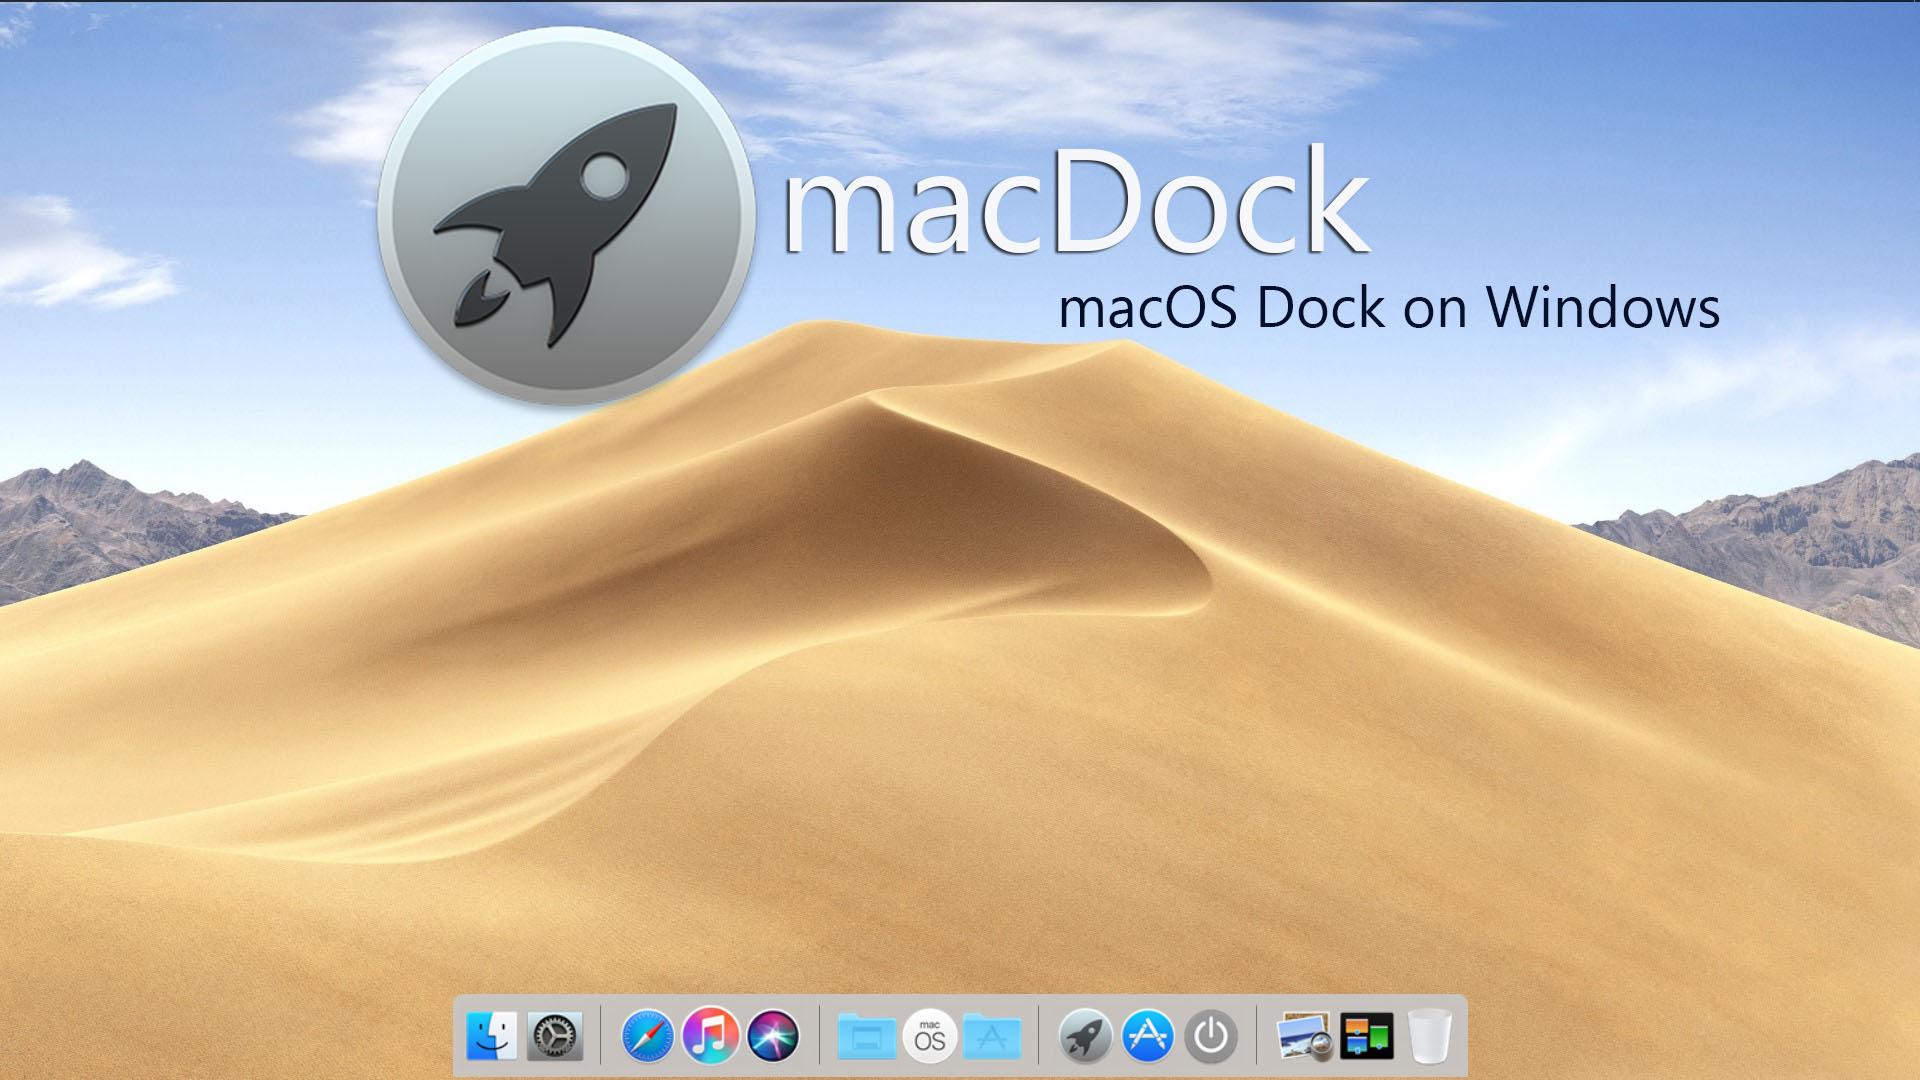 macDock